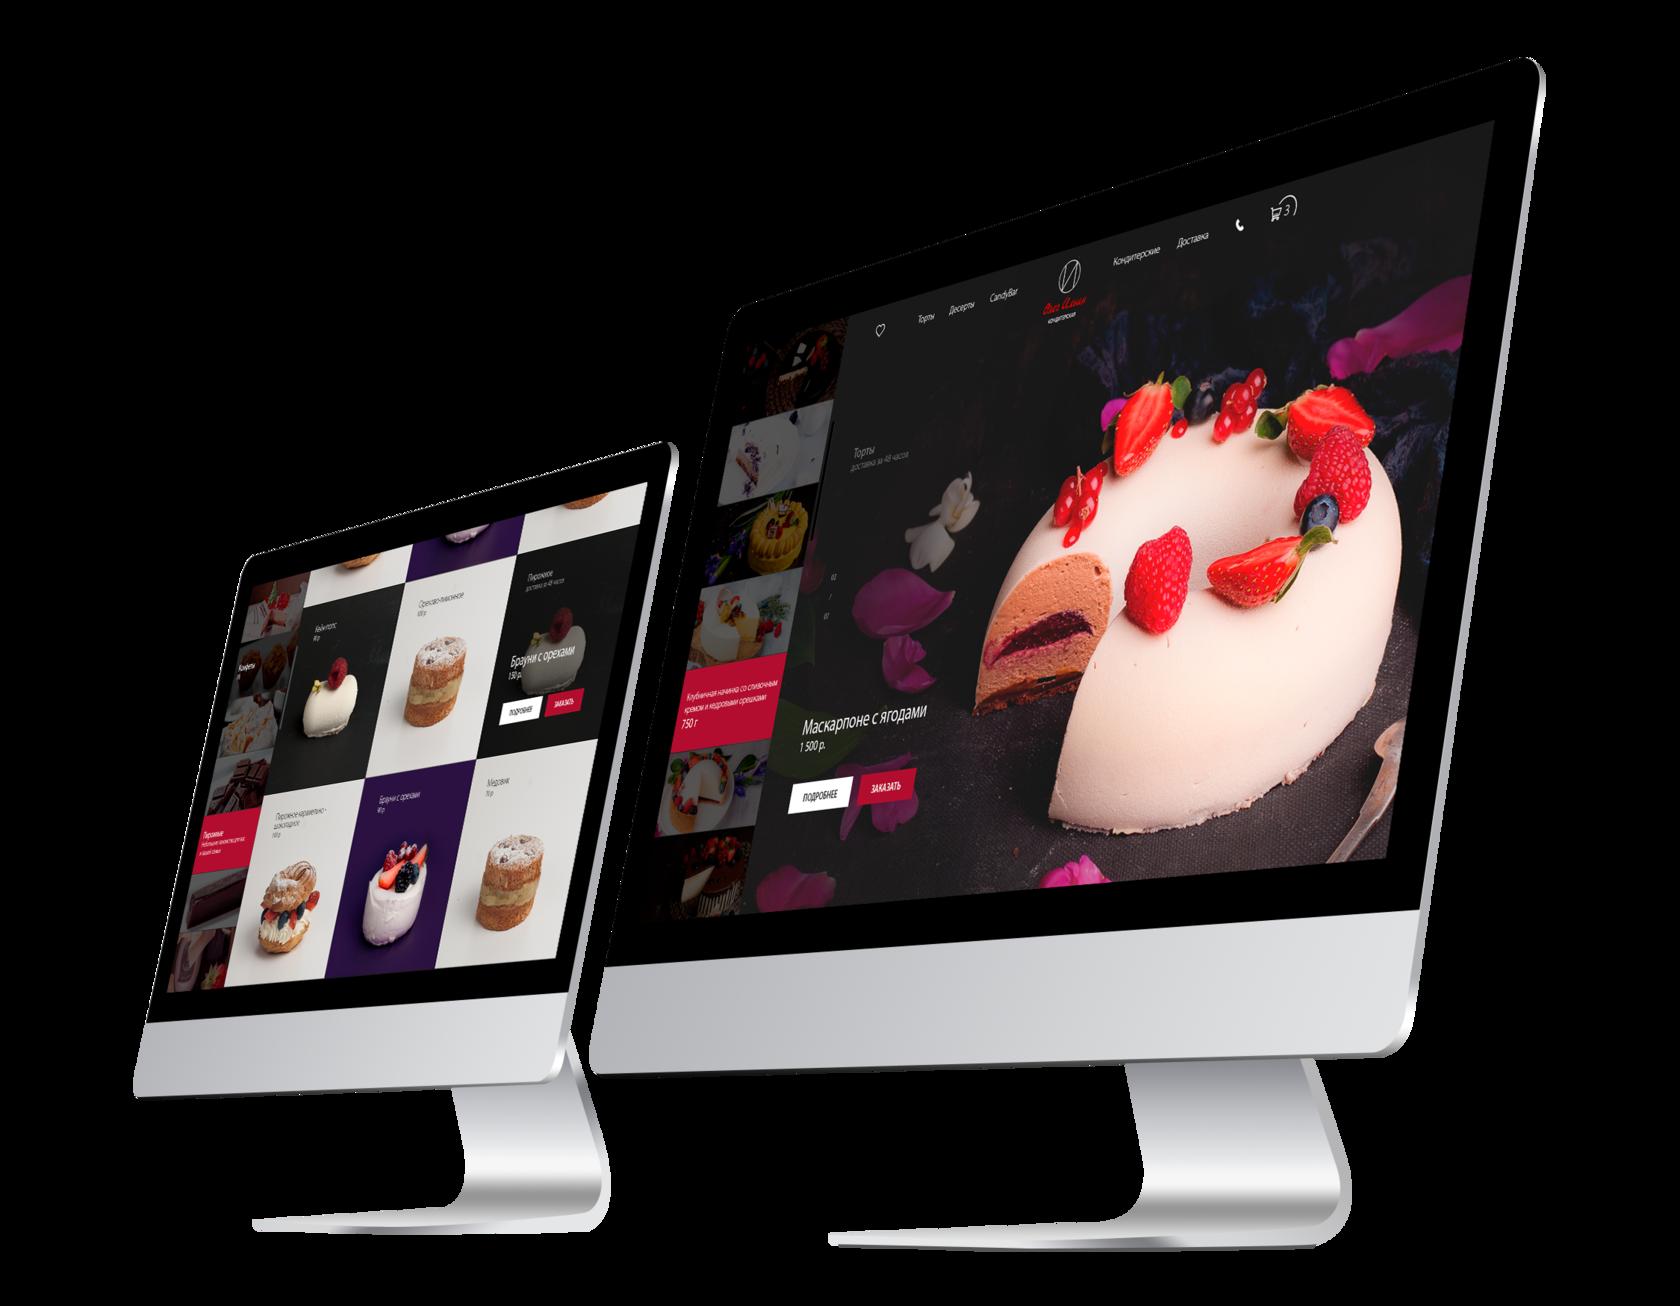 Seo оптимизация и продвижение сайтов ариэль добродумов отзывы о компании создания сайтов